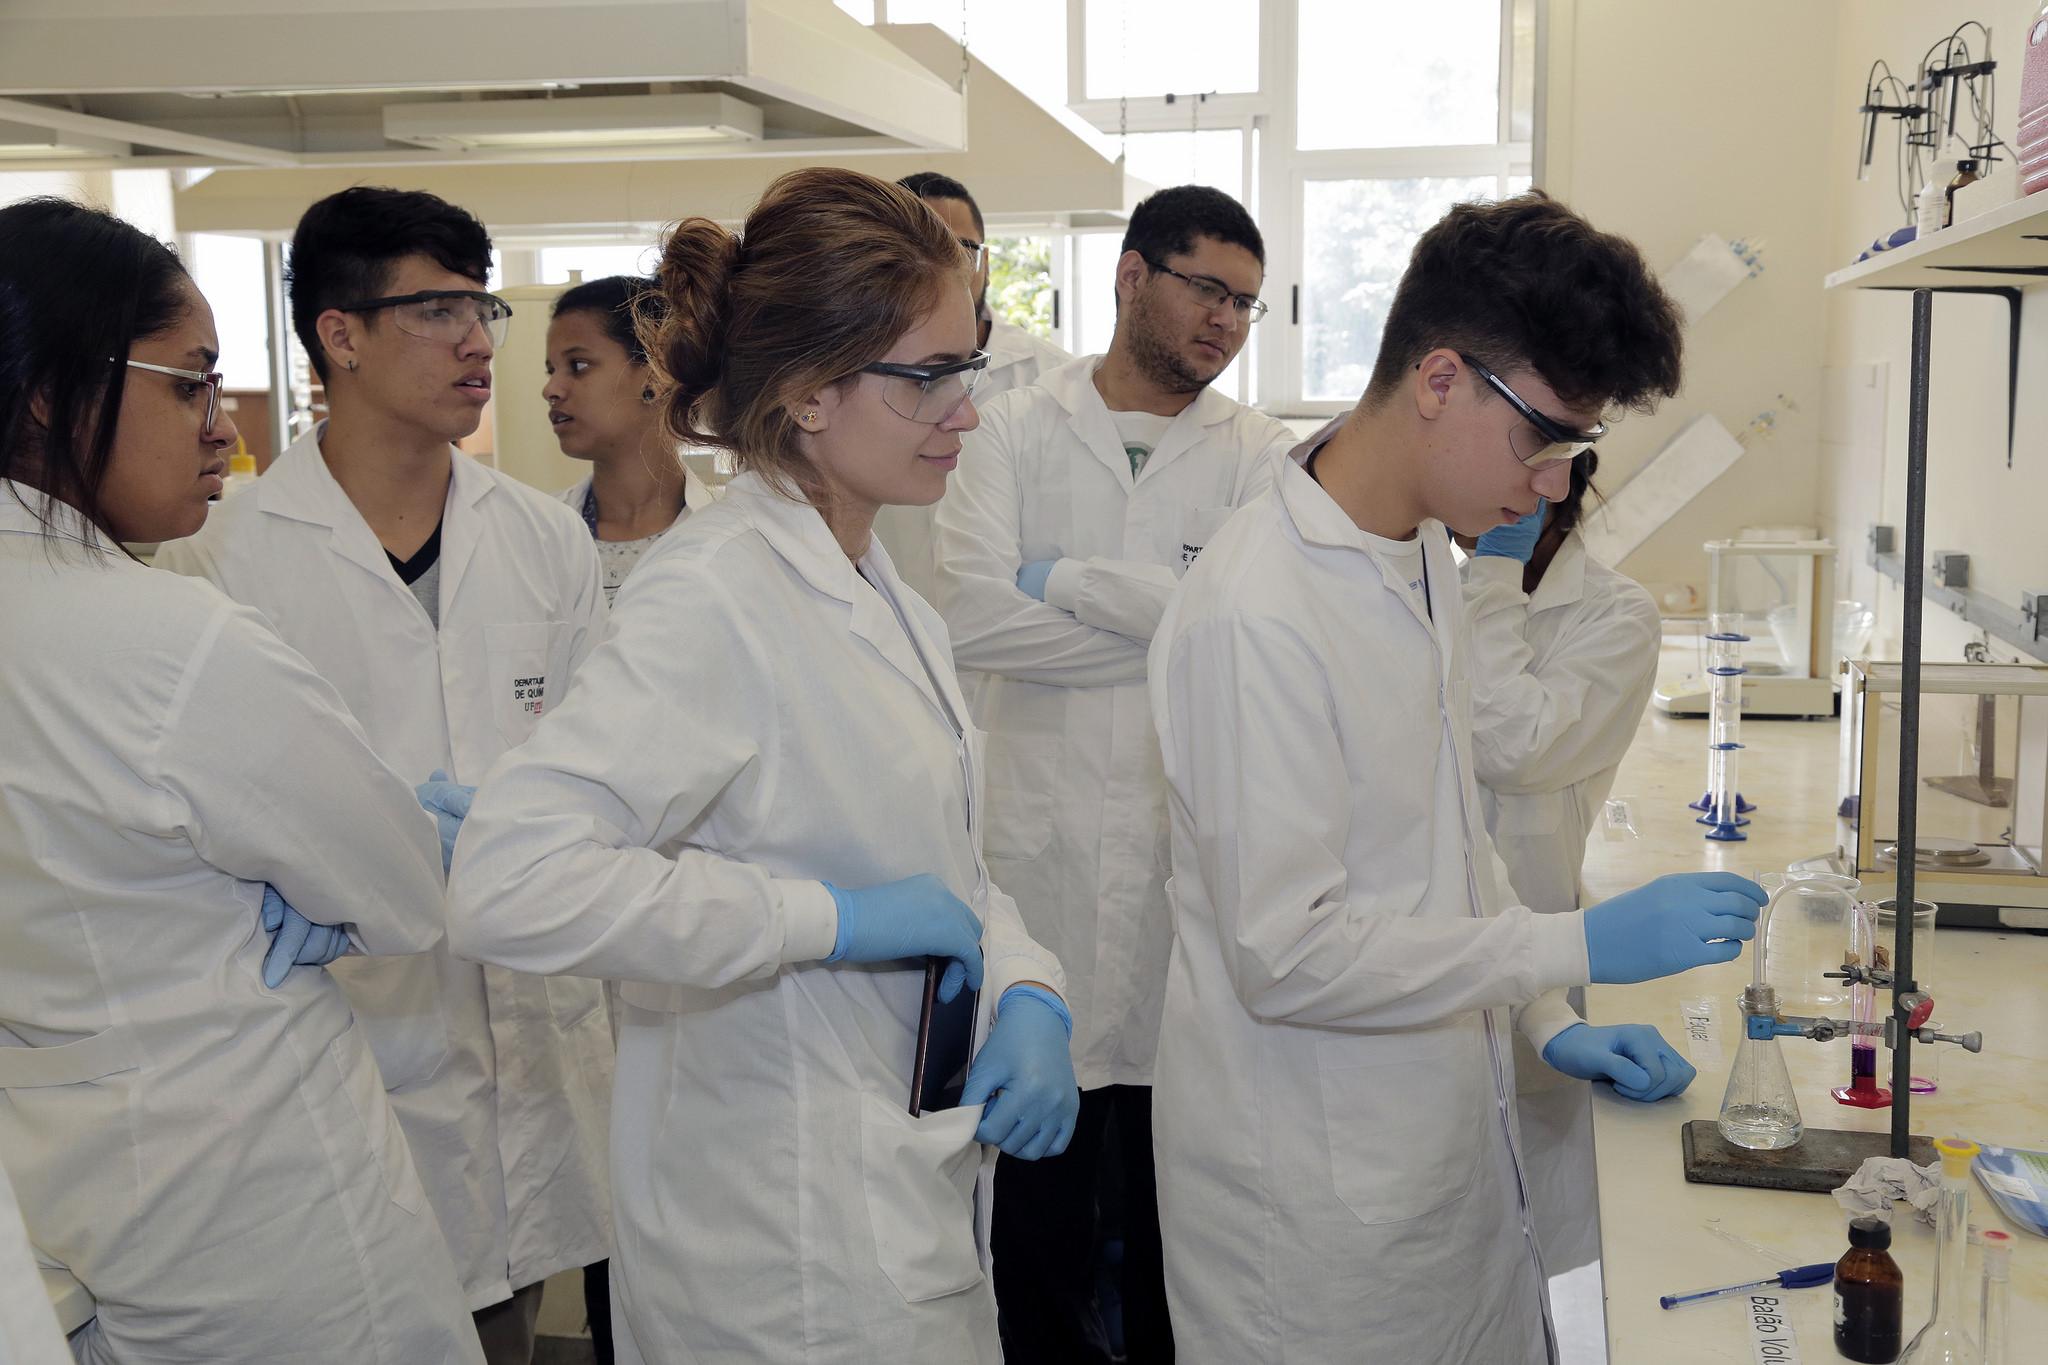 Educação - geral - universidades ciência cientistas laboratórios química ensino superior universitários